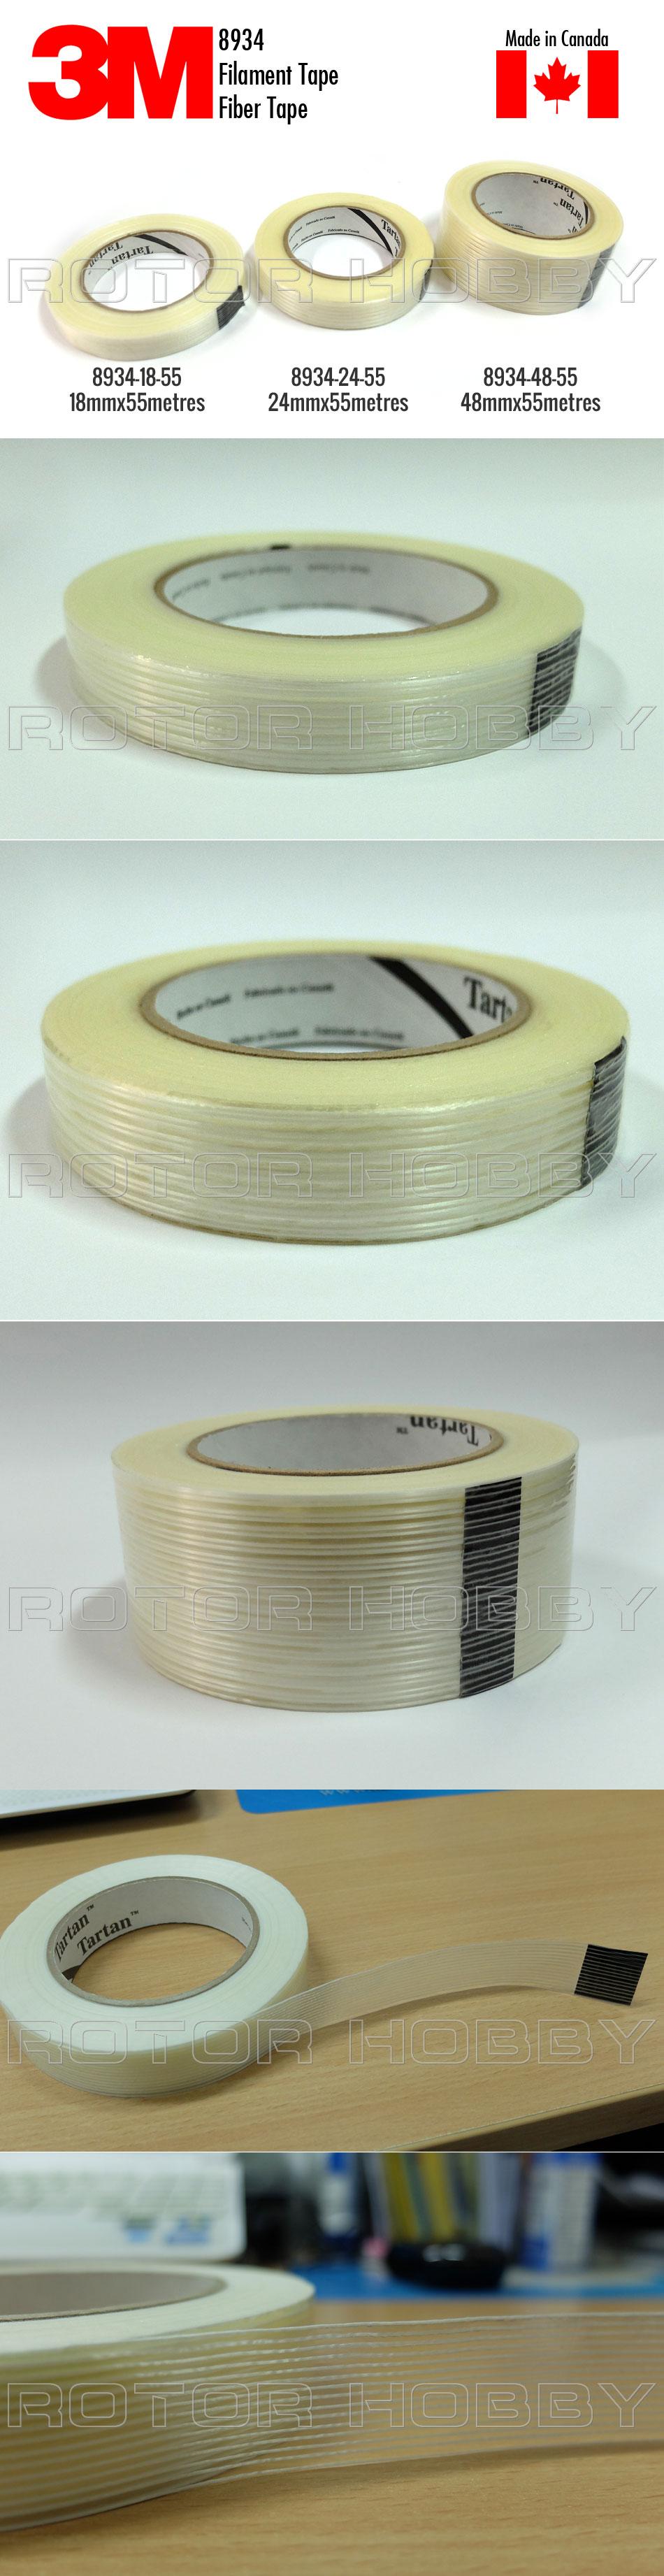 8934 3M Tartan Filament Tape